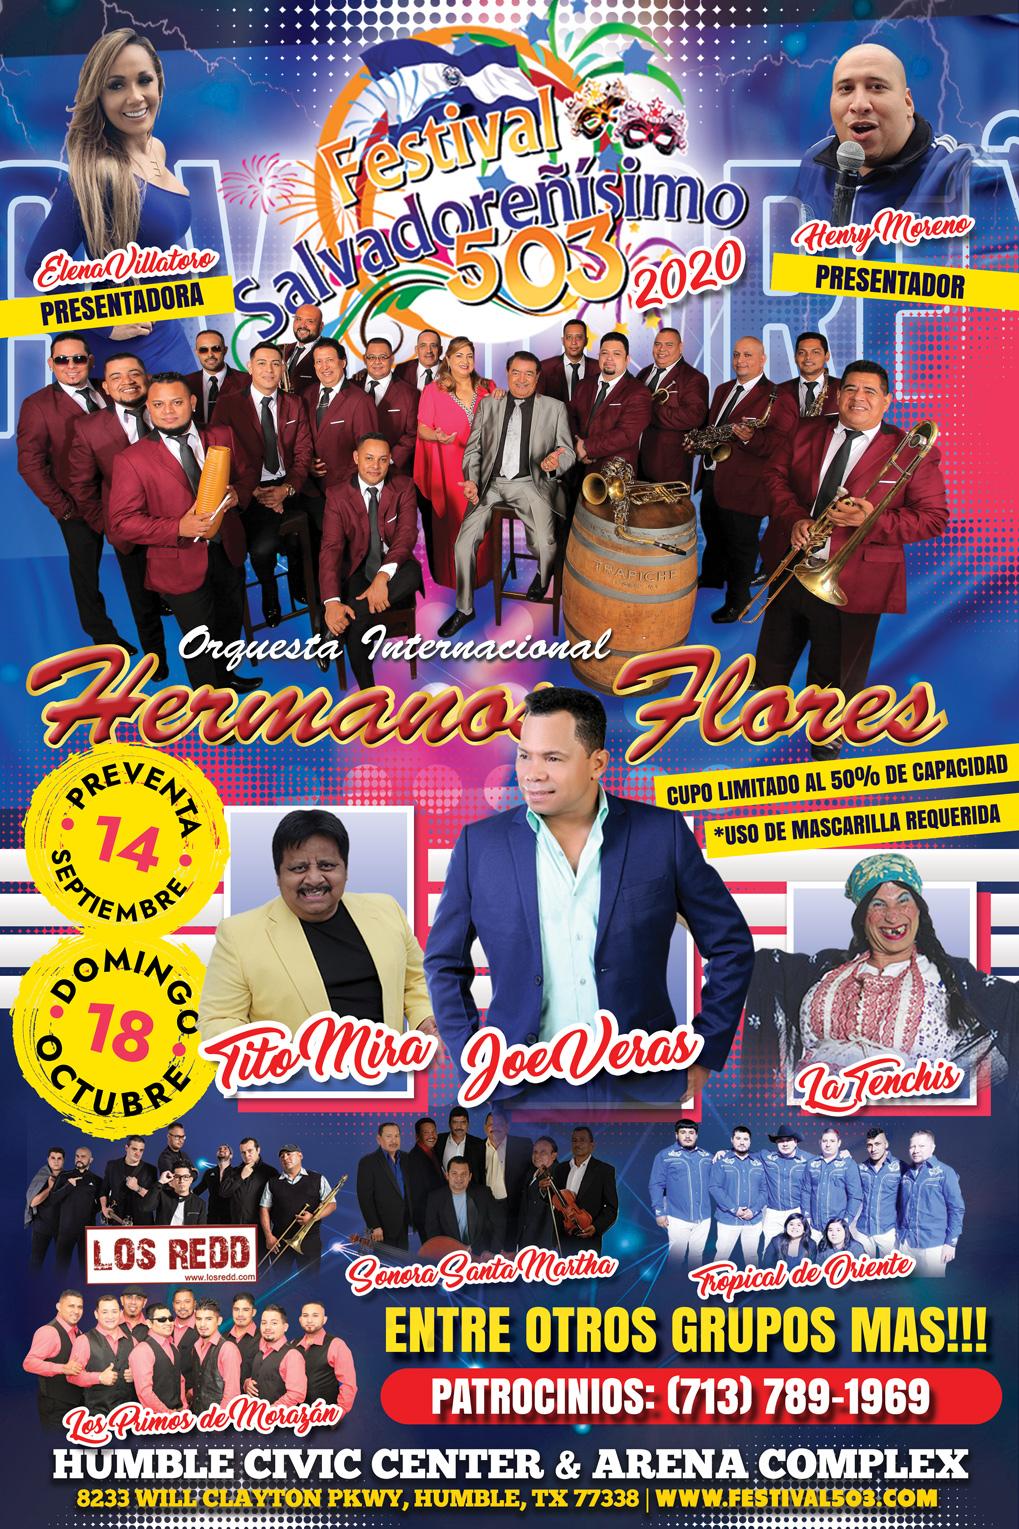 FESTIVALSALVADORENISIMO2020